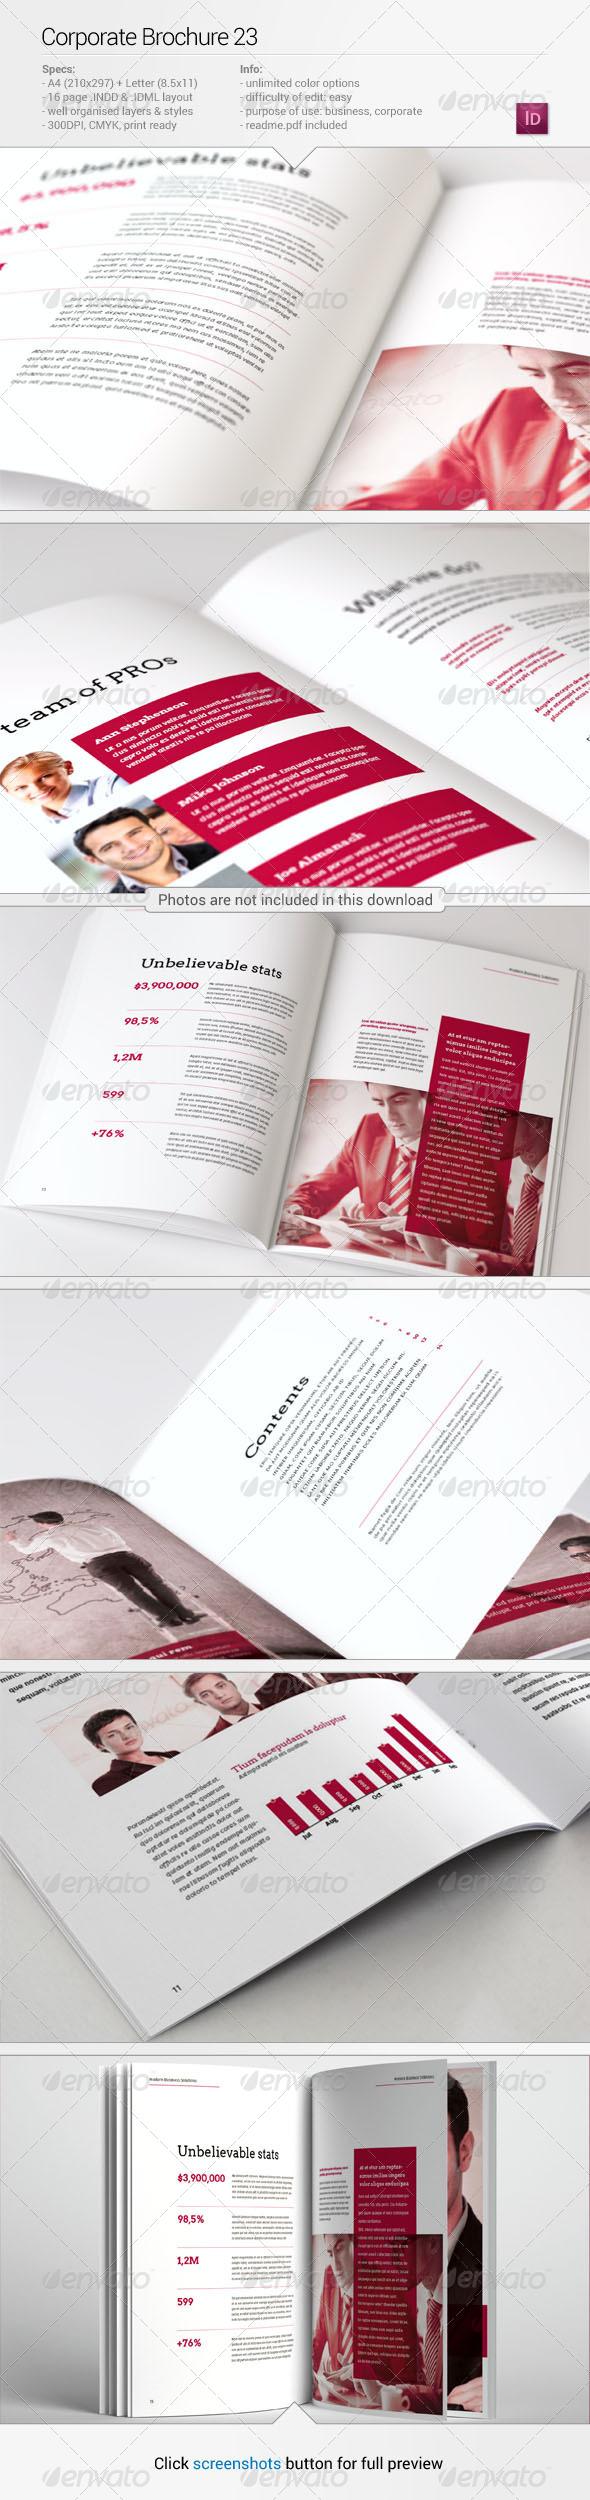 Corporate Brochure 23 - Corporate Brochures